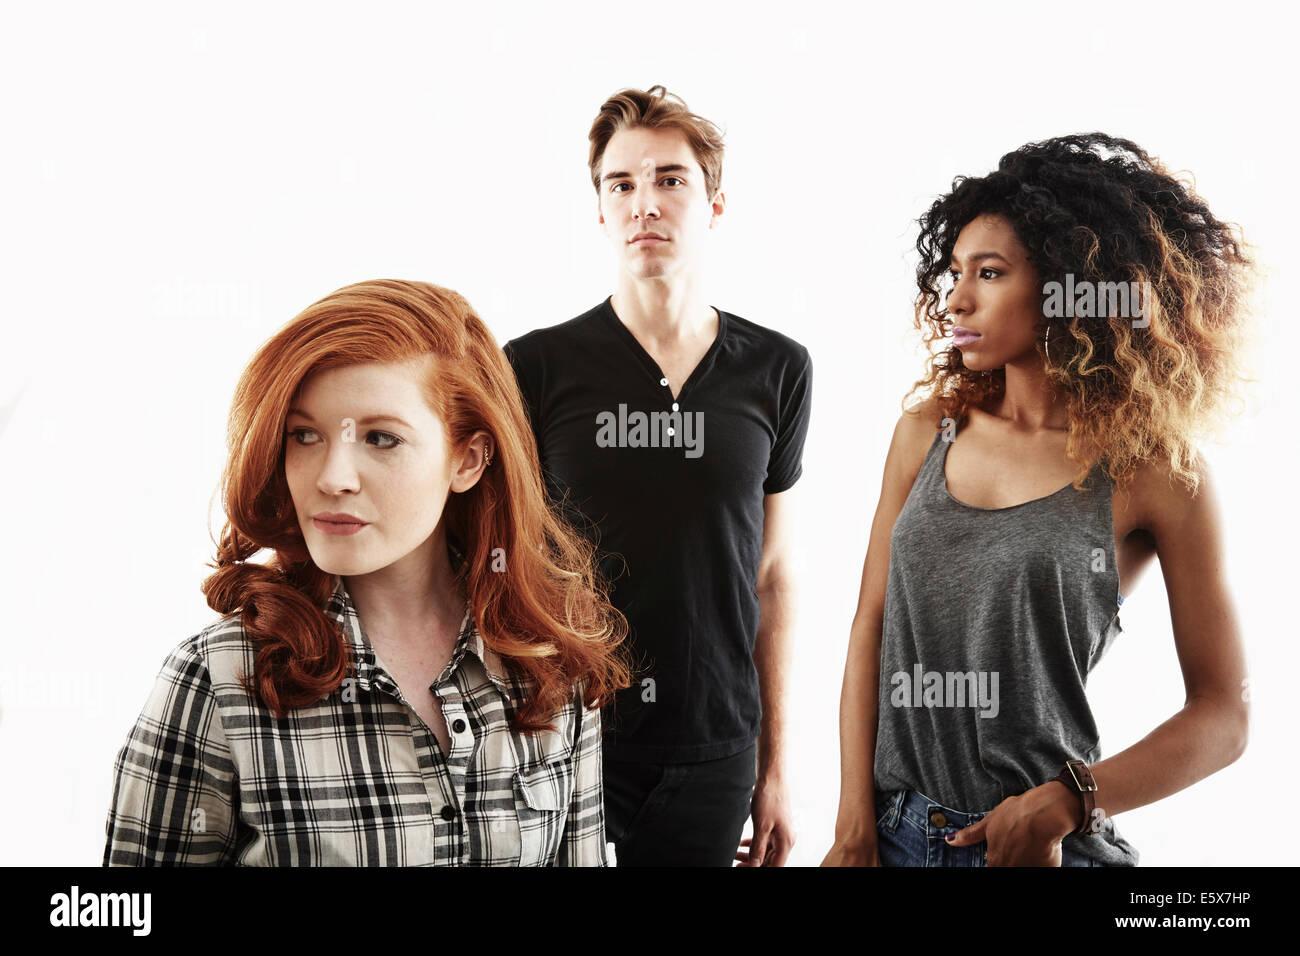 Studio-Porträt von zwei jungen Erwachsenen Frauen und ein junger Erwachsener Mann Stockbild